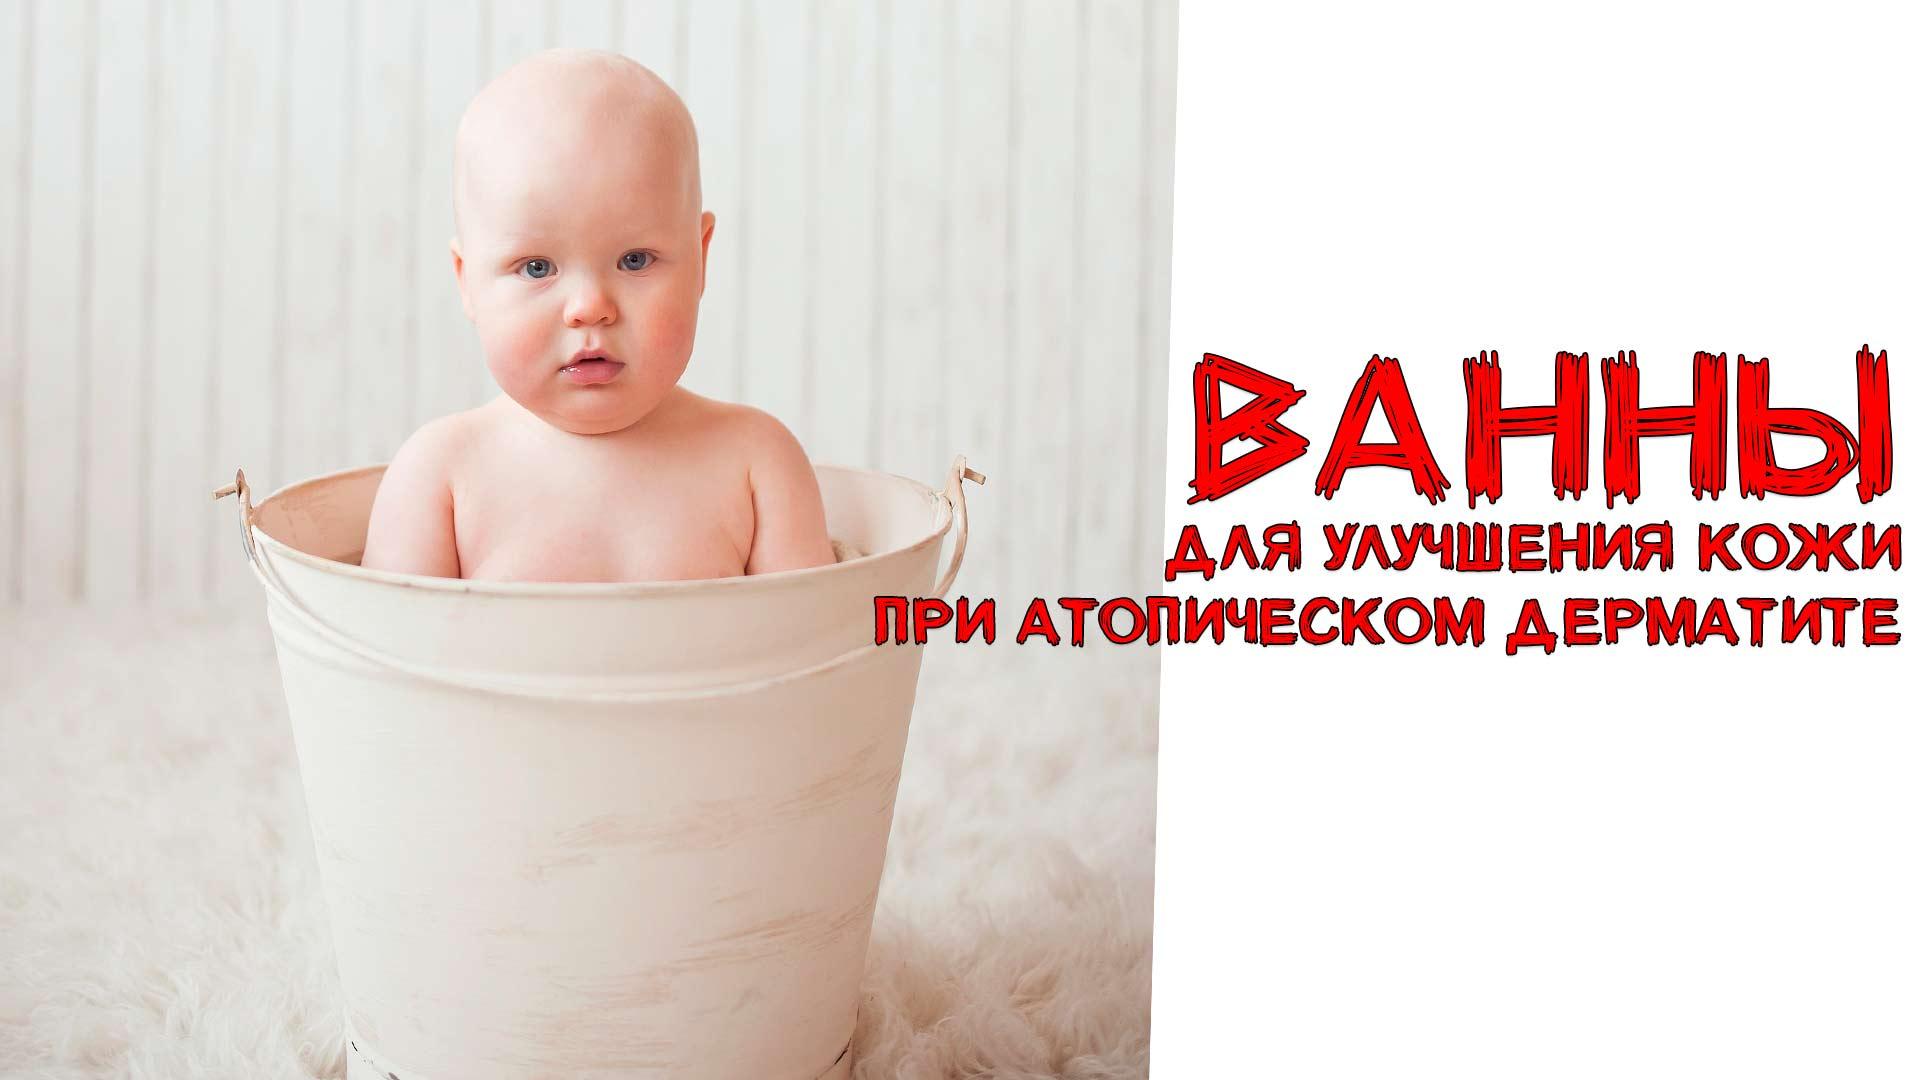 Vanny-dlya-uluchsheniya-kozhi-pri-atopicheskom-dermatite Ванны для улучшения кожи при атопическом дерматите увлажнение кожи овсяные ванны морская соль море дома льняные ванны купание при АД крахмальные ванны атопический дерматит АД